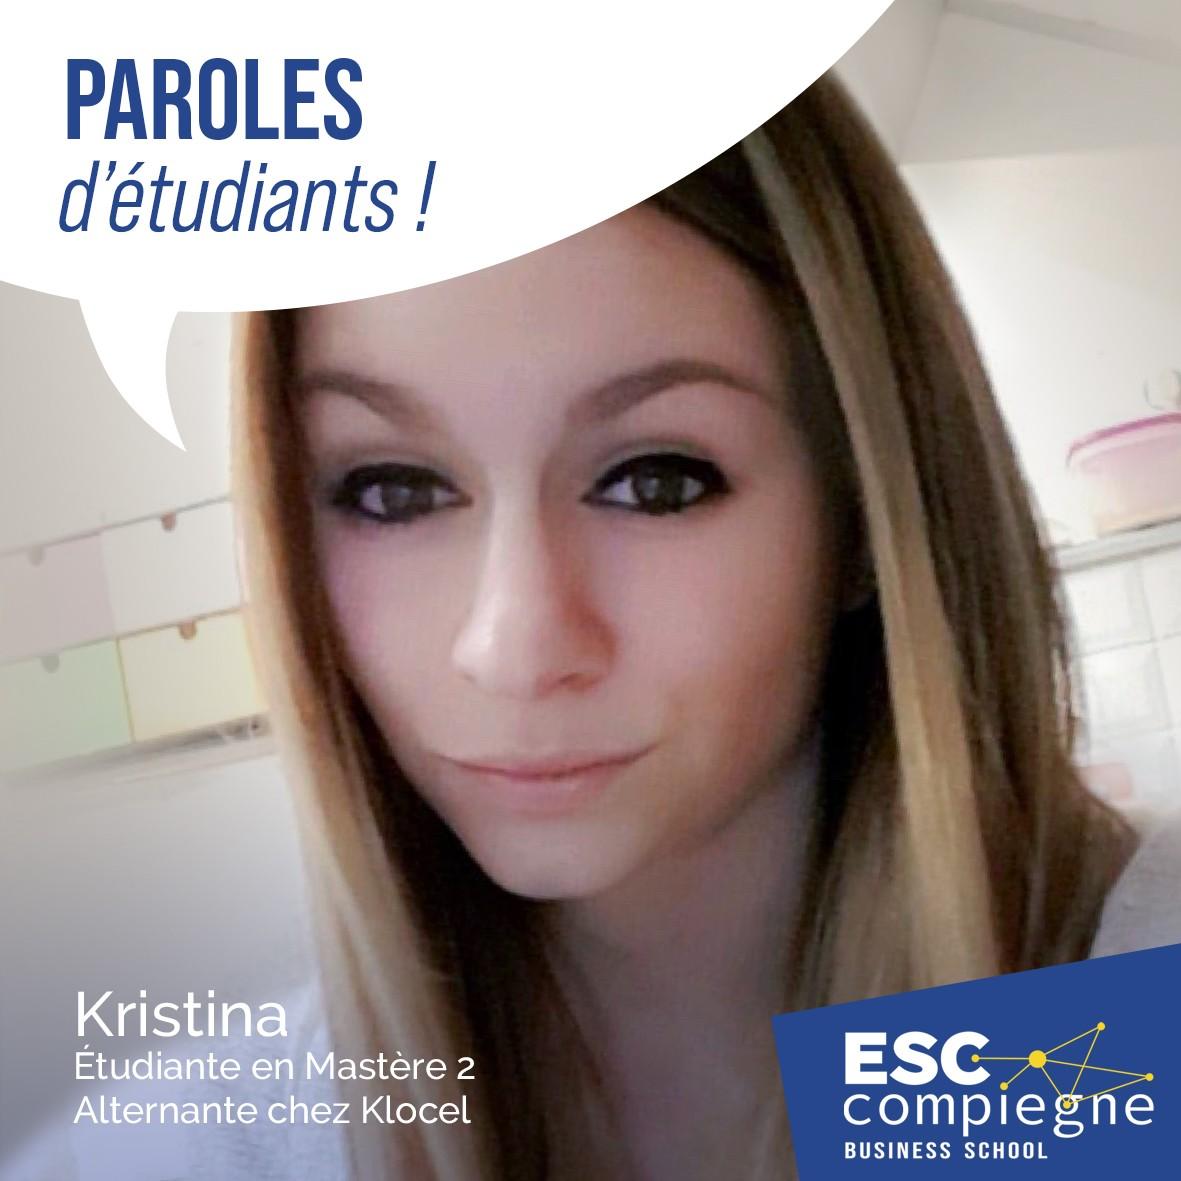 ESCC-Temoignage-Kristina